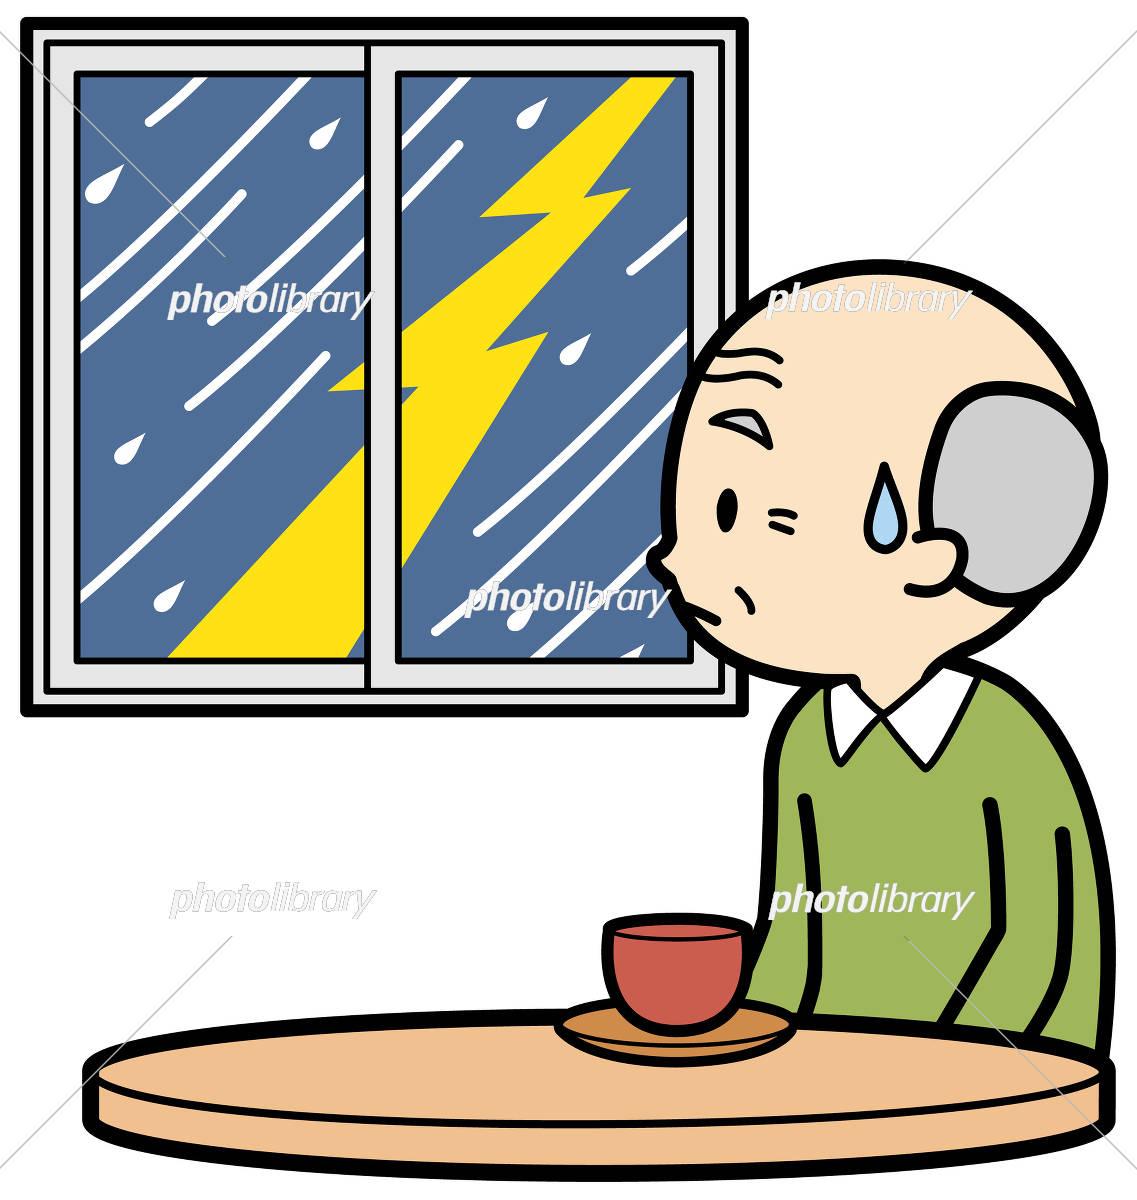 大雨 イラスト素材 5009327 フォトライブラリー Photolibrary